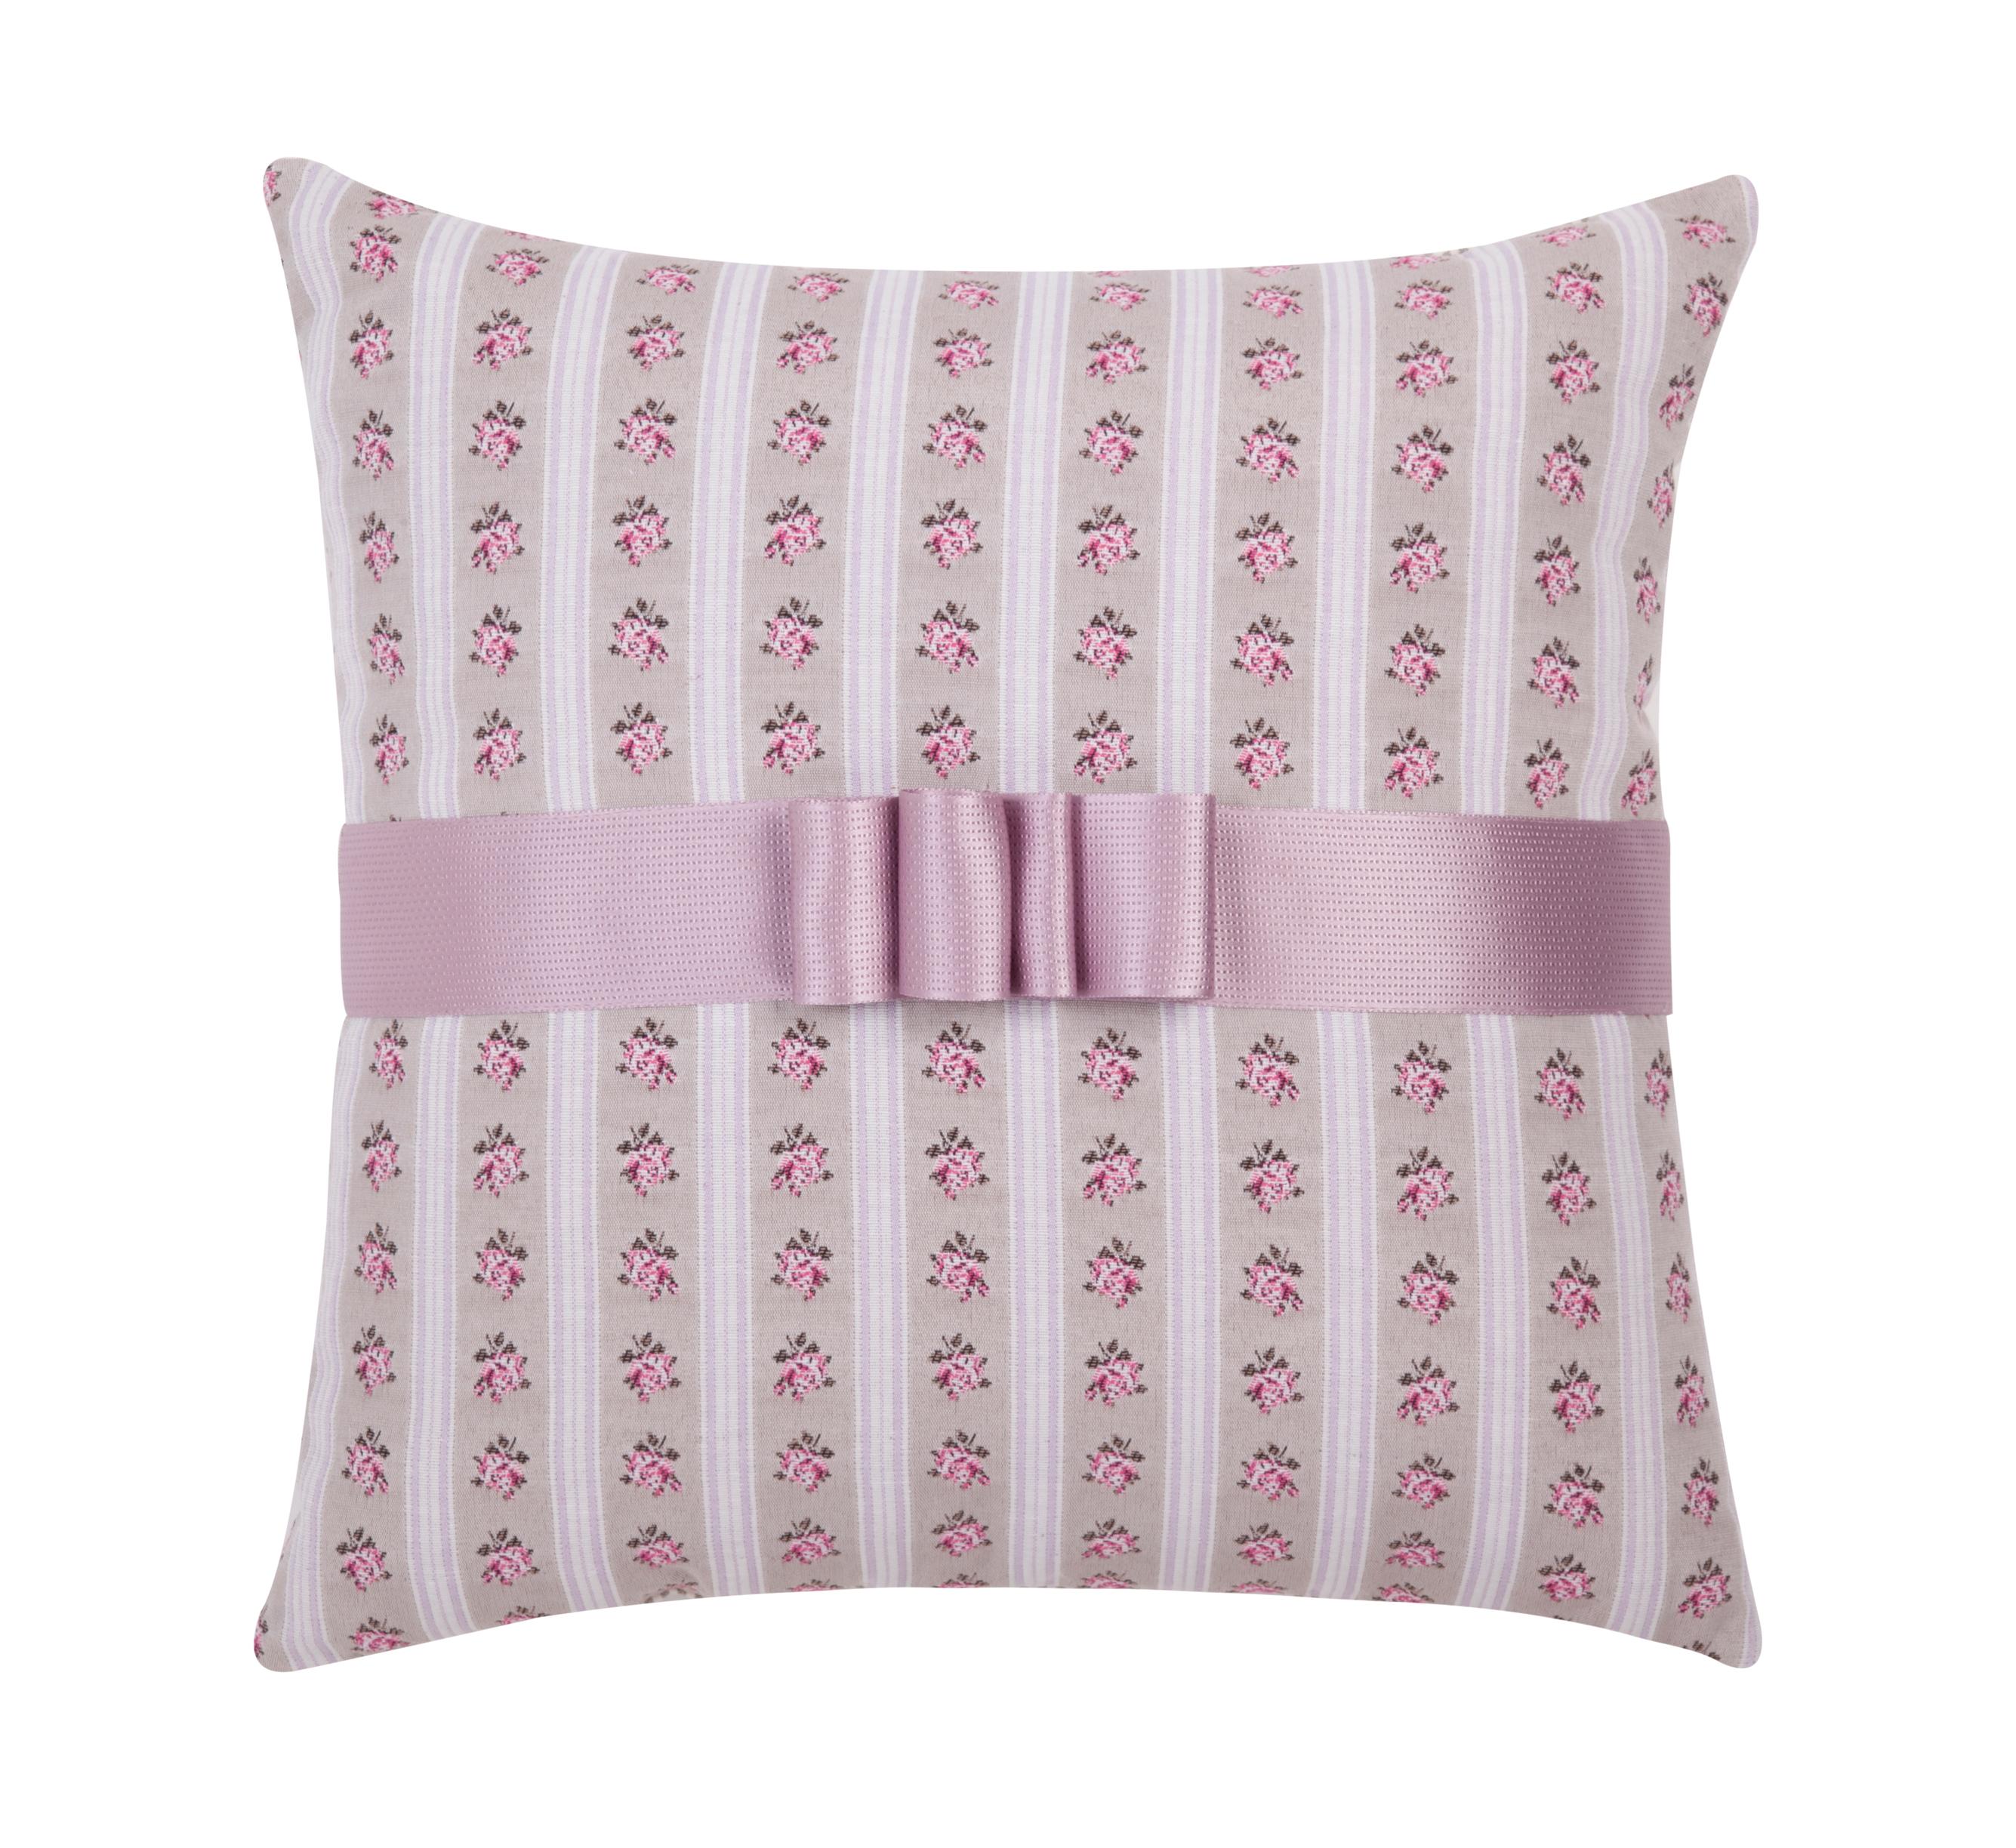 maison du coussin r invente la d co romantique le magazine maison du coussin. Black Bedroom Furniture Sets. Home Design Ideas